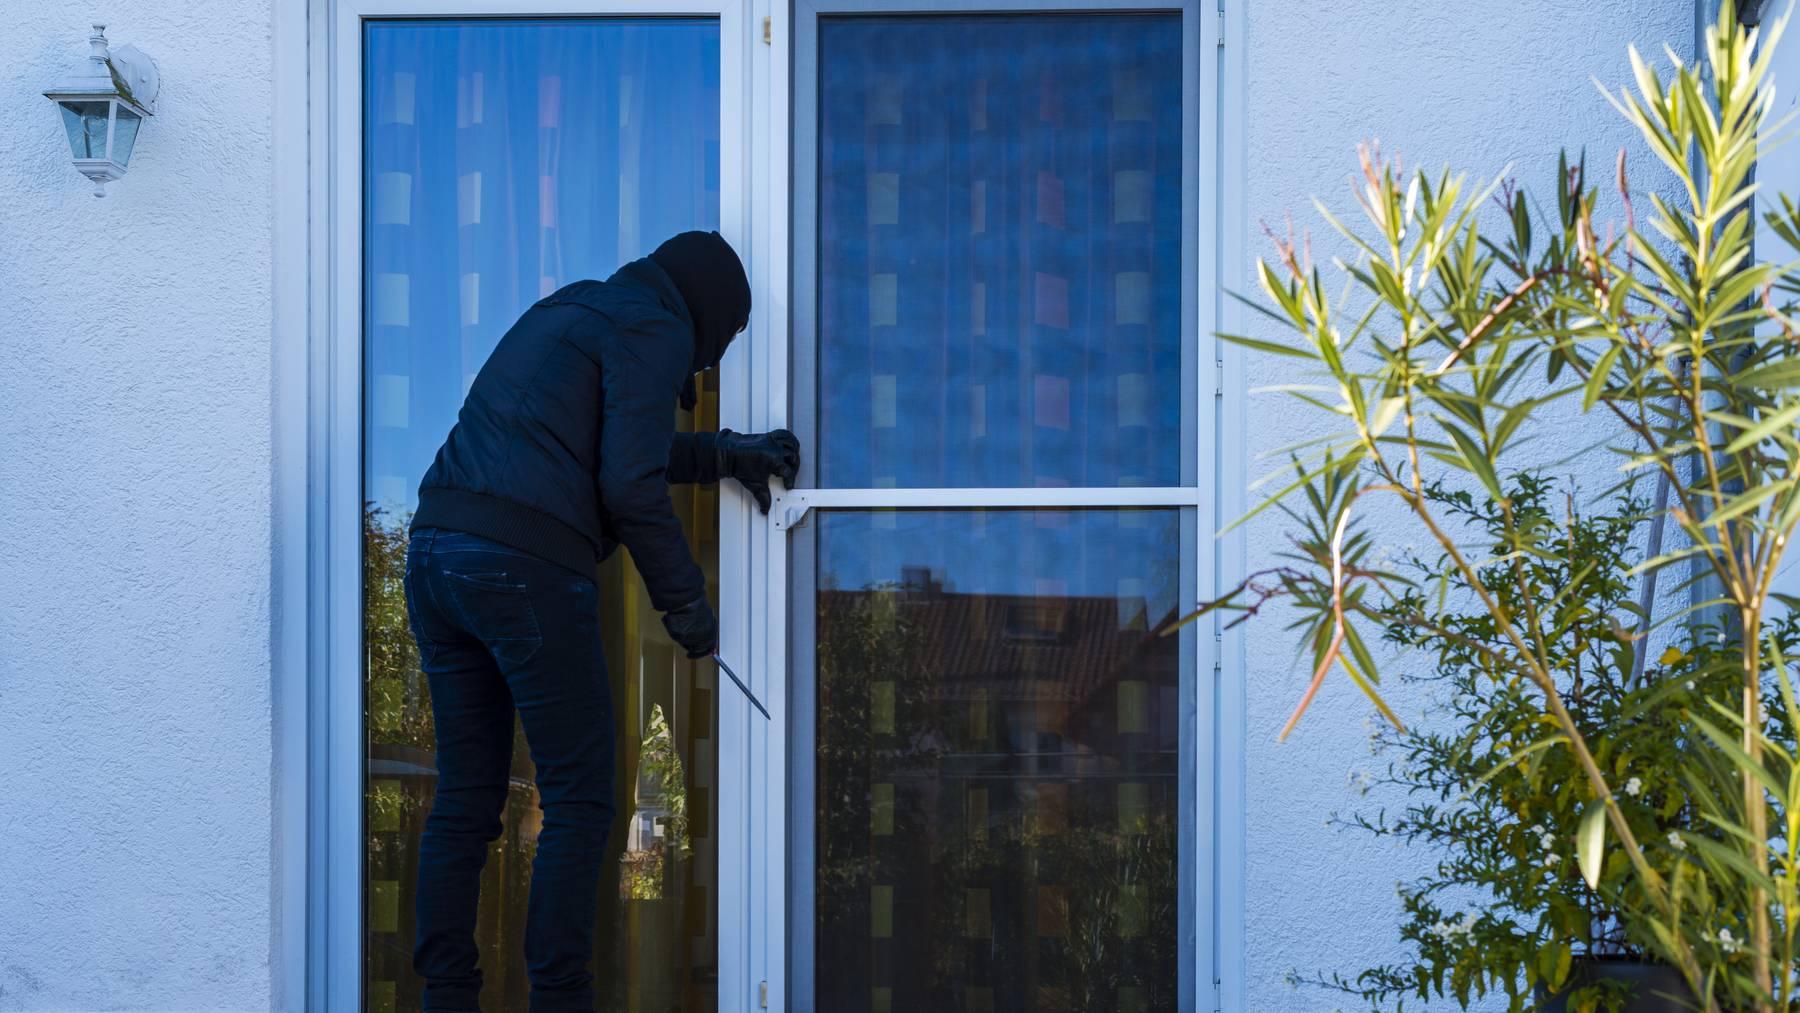 Am Wochenende versuchten Unbekannte in mehrere Einfamilienhäuser einzubrechen.